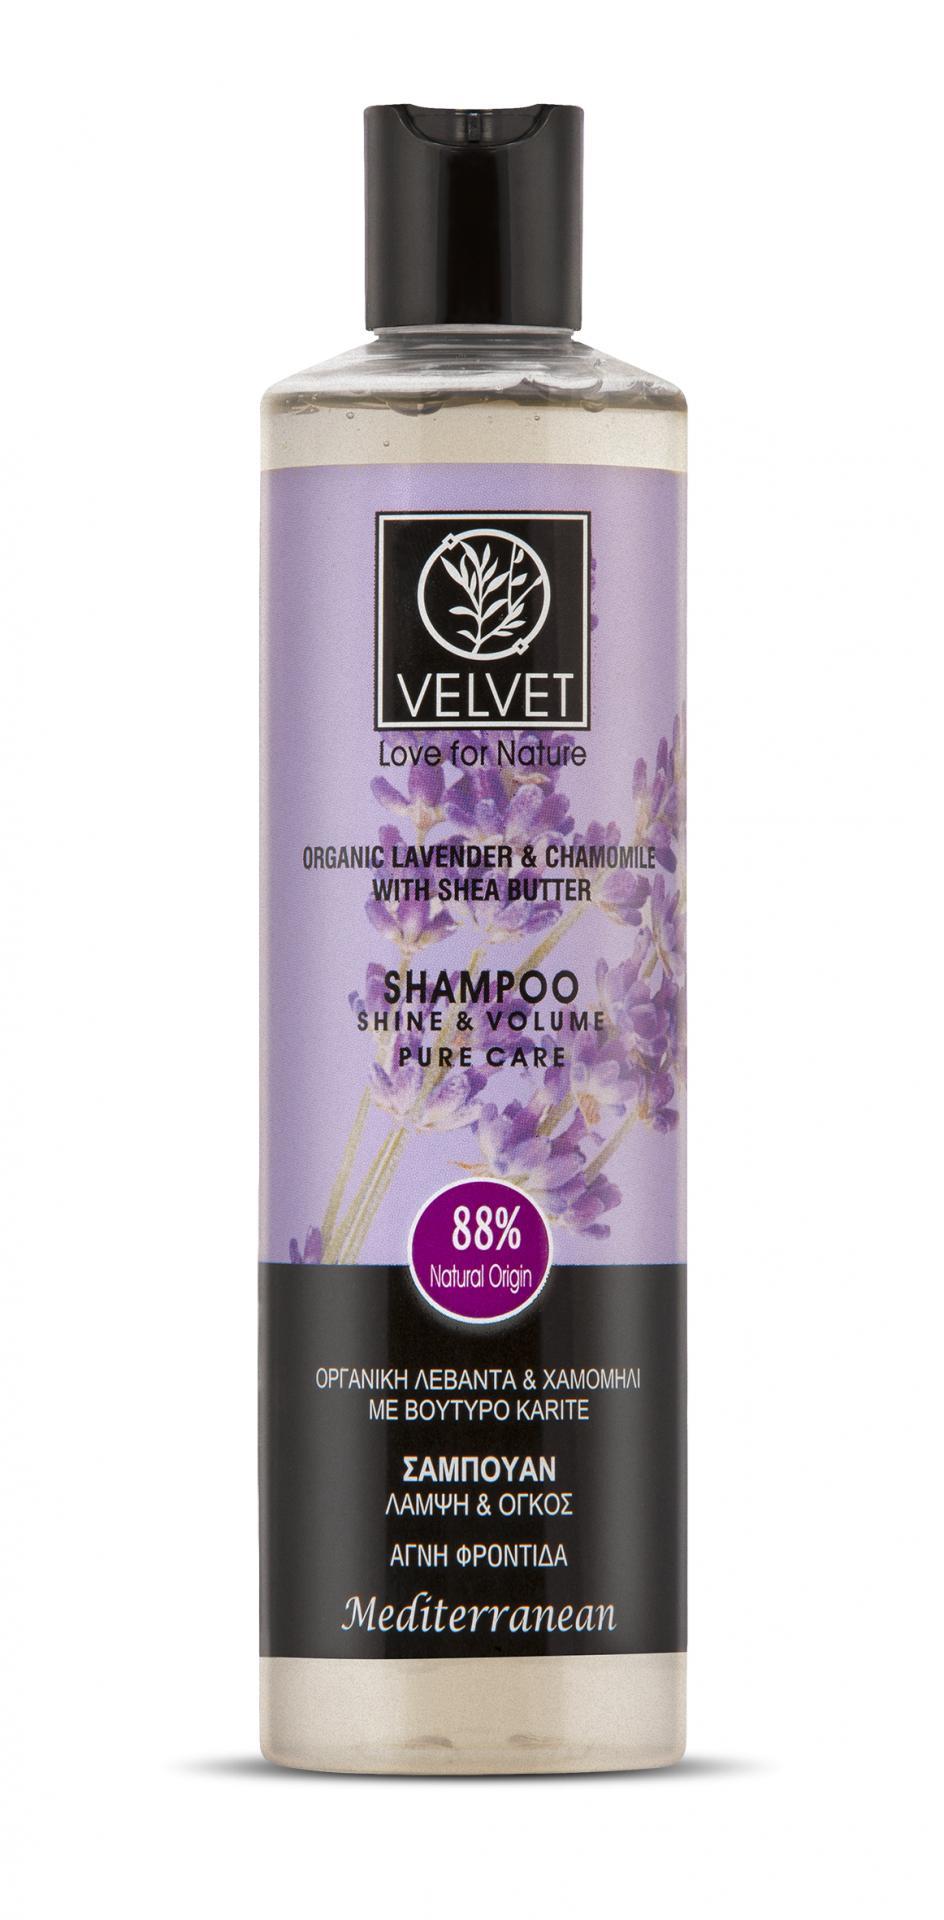 Champú Velvet de Lavanda, Manzanilla y Karité para Brillo y Volúmen 300 ml